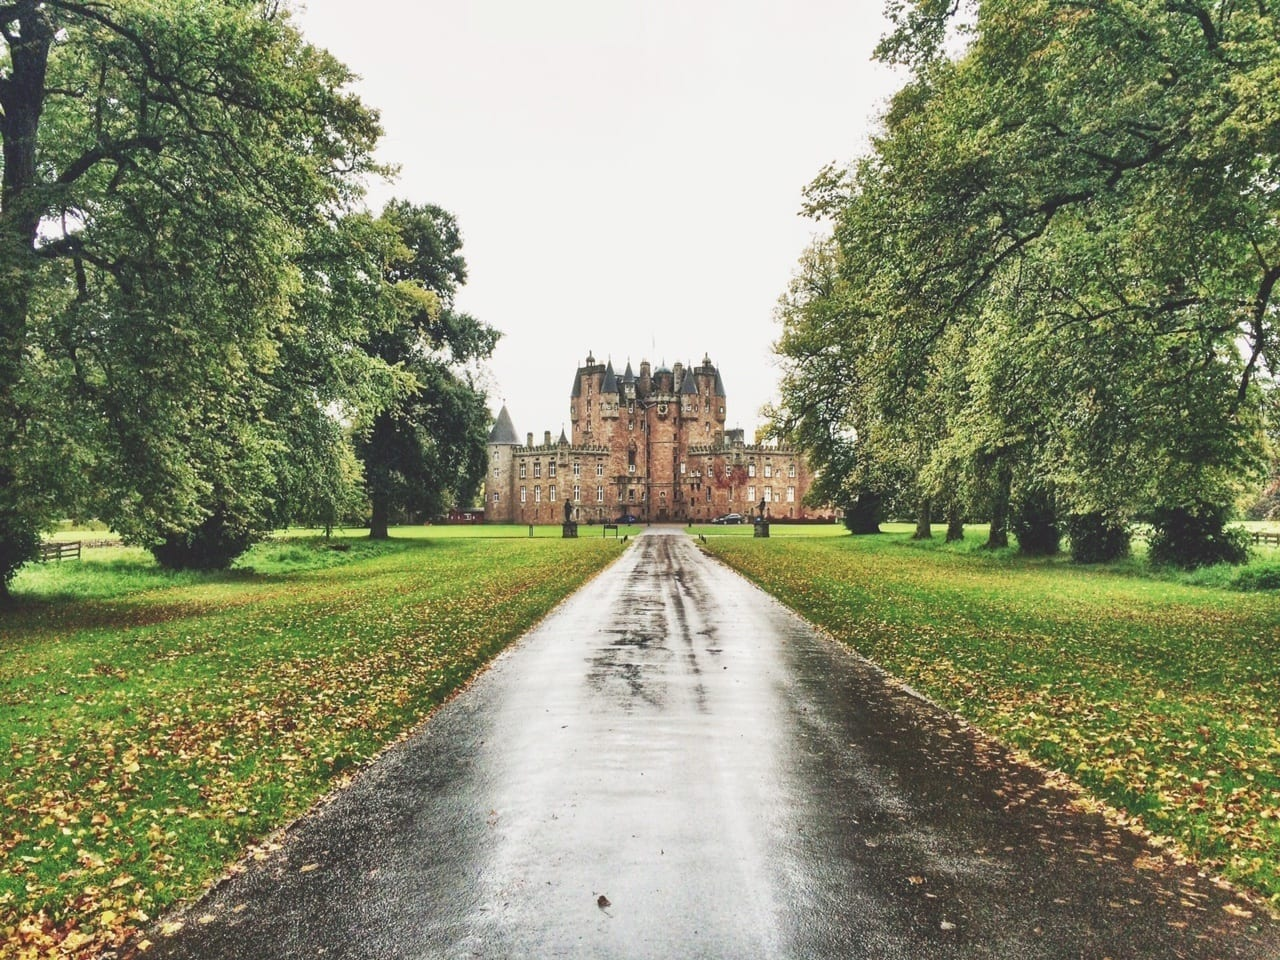 Glamis Scotland UK